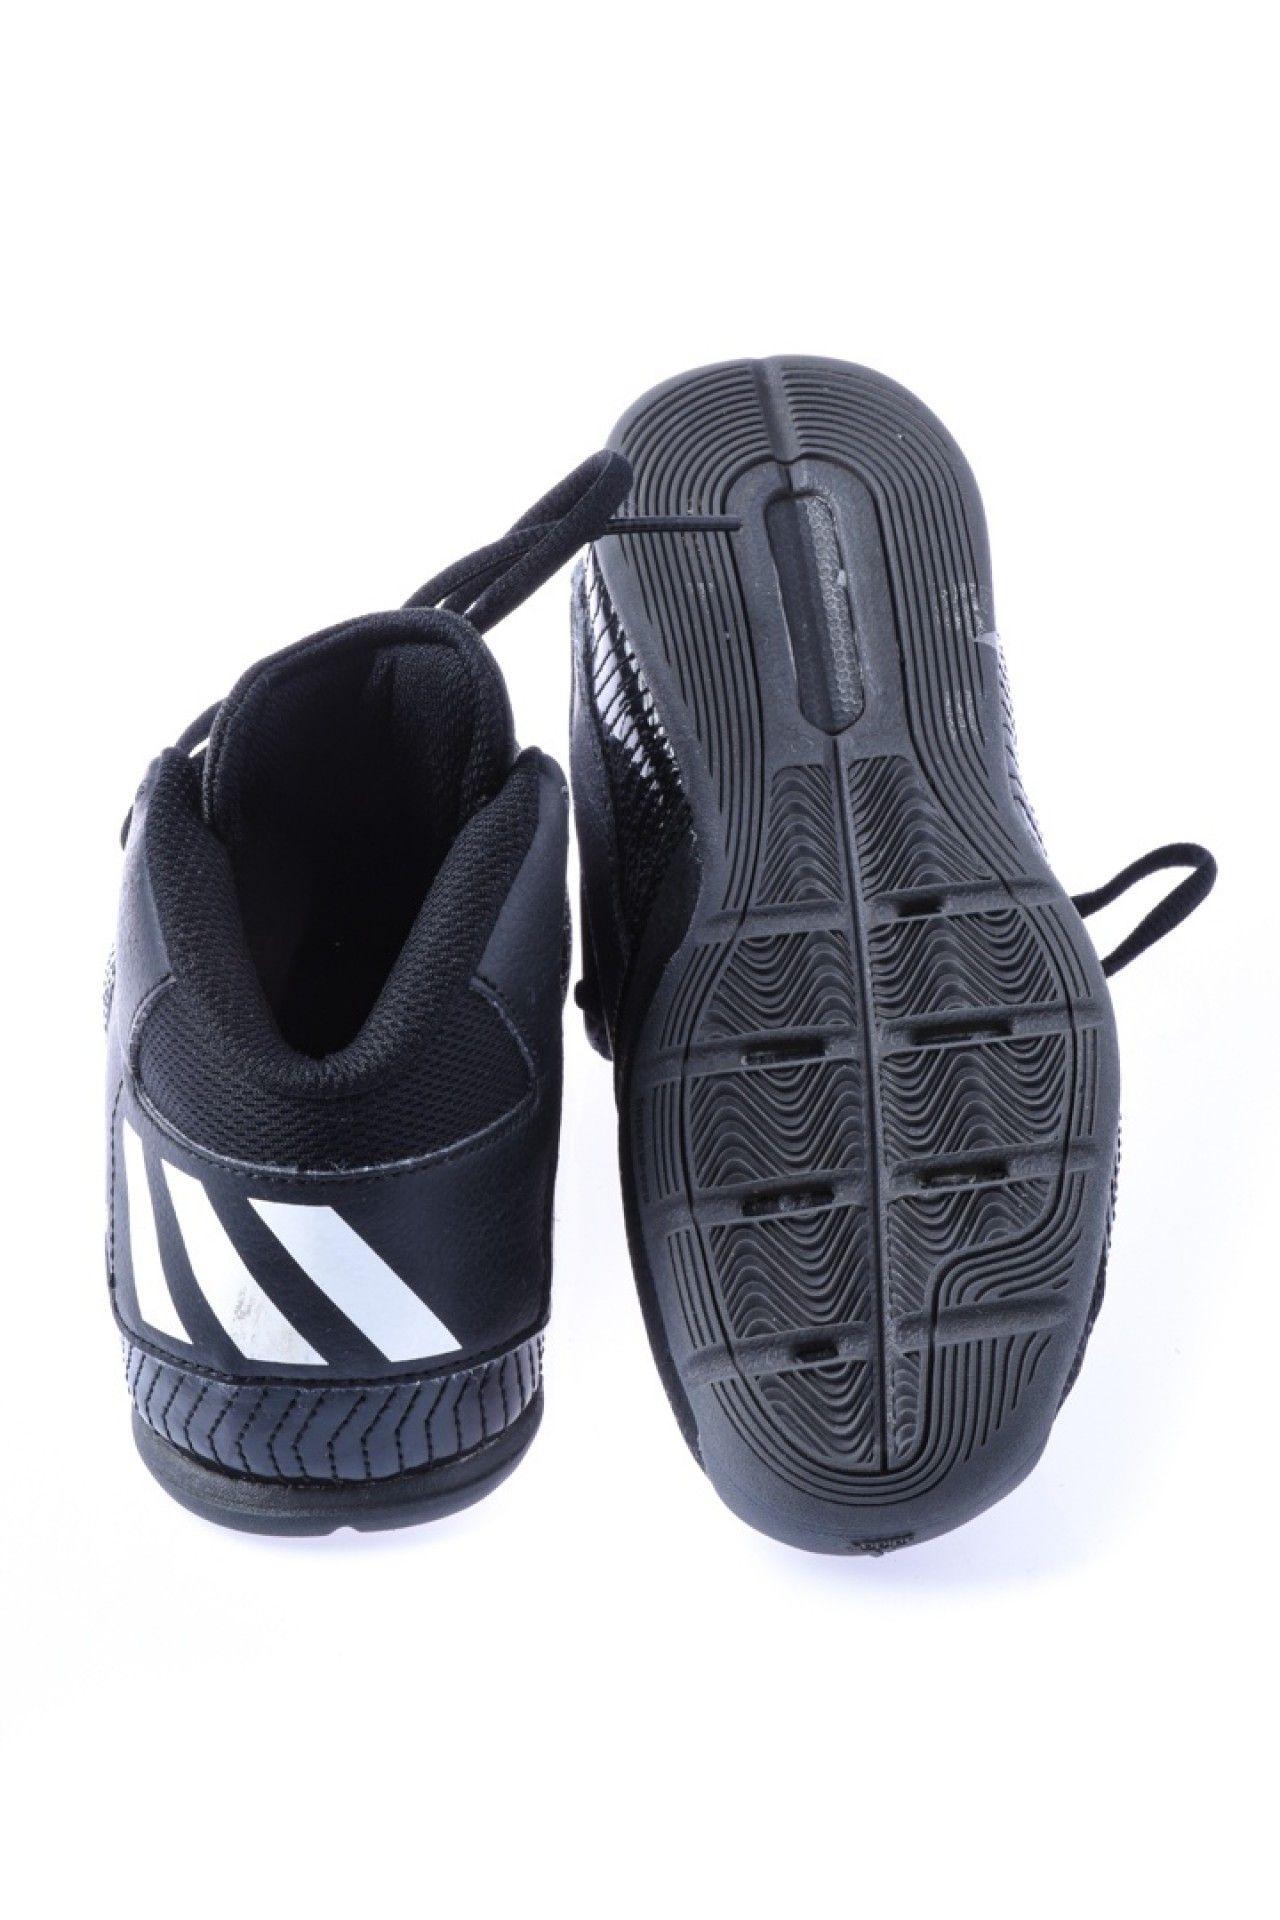 Adidas - Tênis Preto Listras - Foto 3